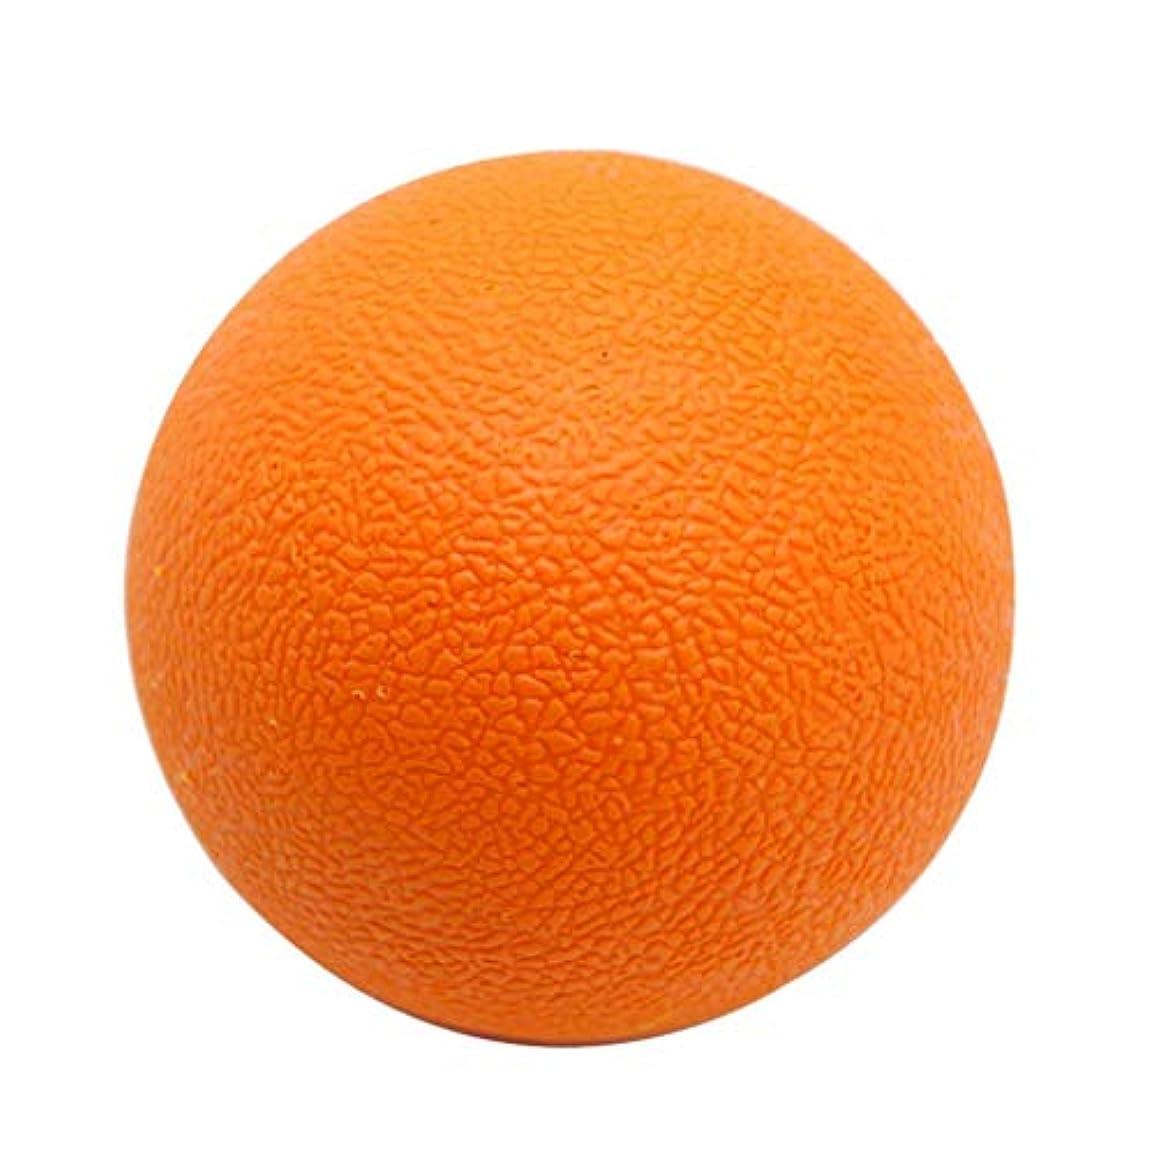 公園農学人マッサージボール TPE トリガーポイント 筋膜リリース ツボ押しグッズ 足、腕、首、背中 オレンジ